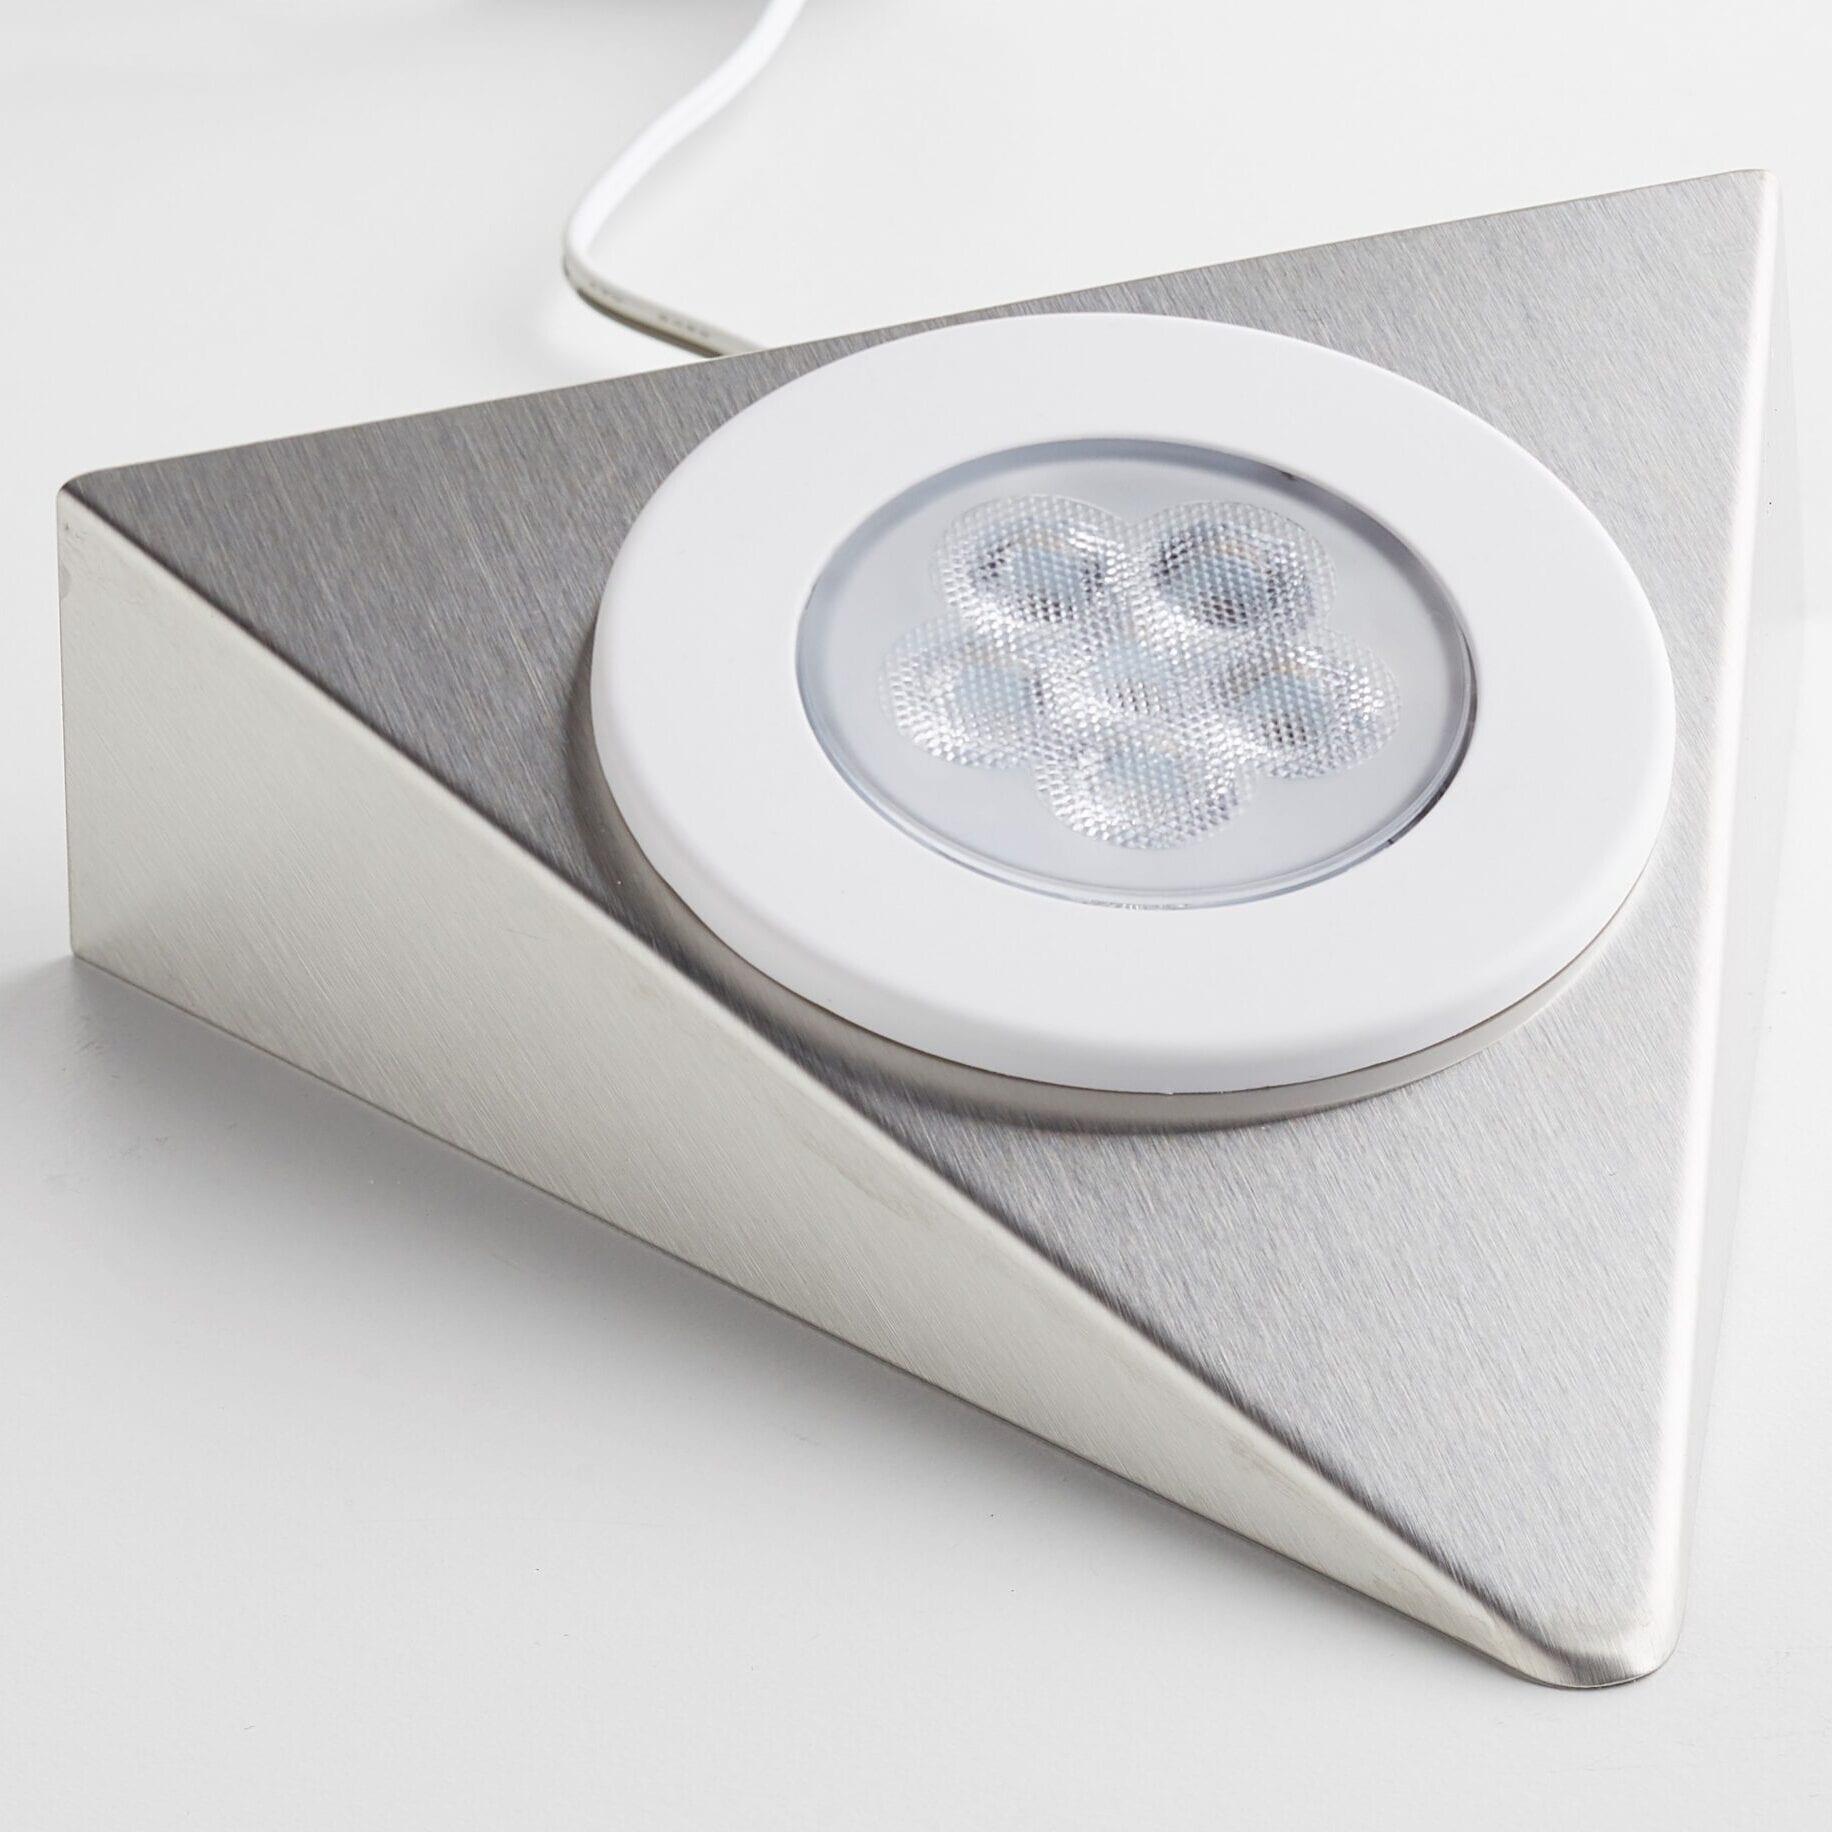 IDLED Spot Steel møbelspot 25W 350mA | Illuminor as